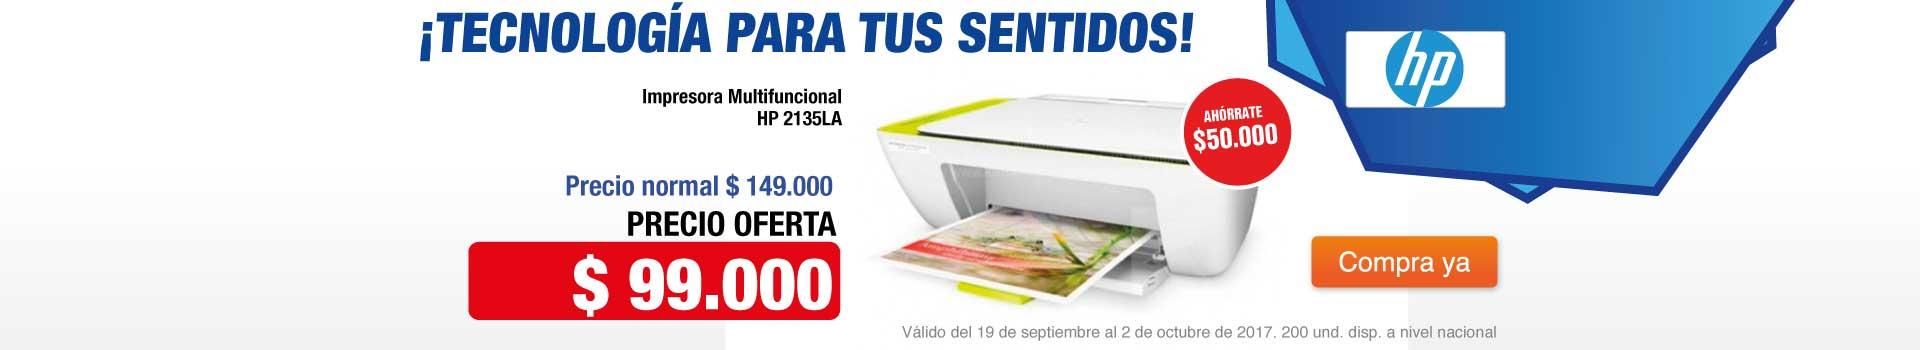 CAT AK-KT-1-computadores-Impresora Multifuncional HP 2135LA-prod-septiembre19-octubre2